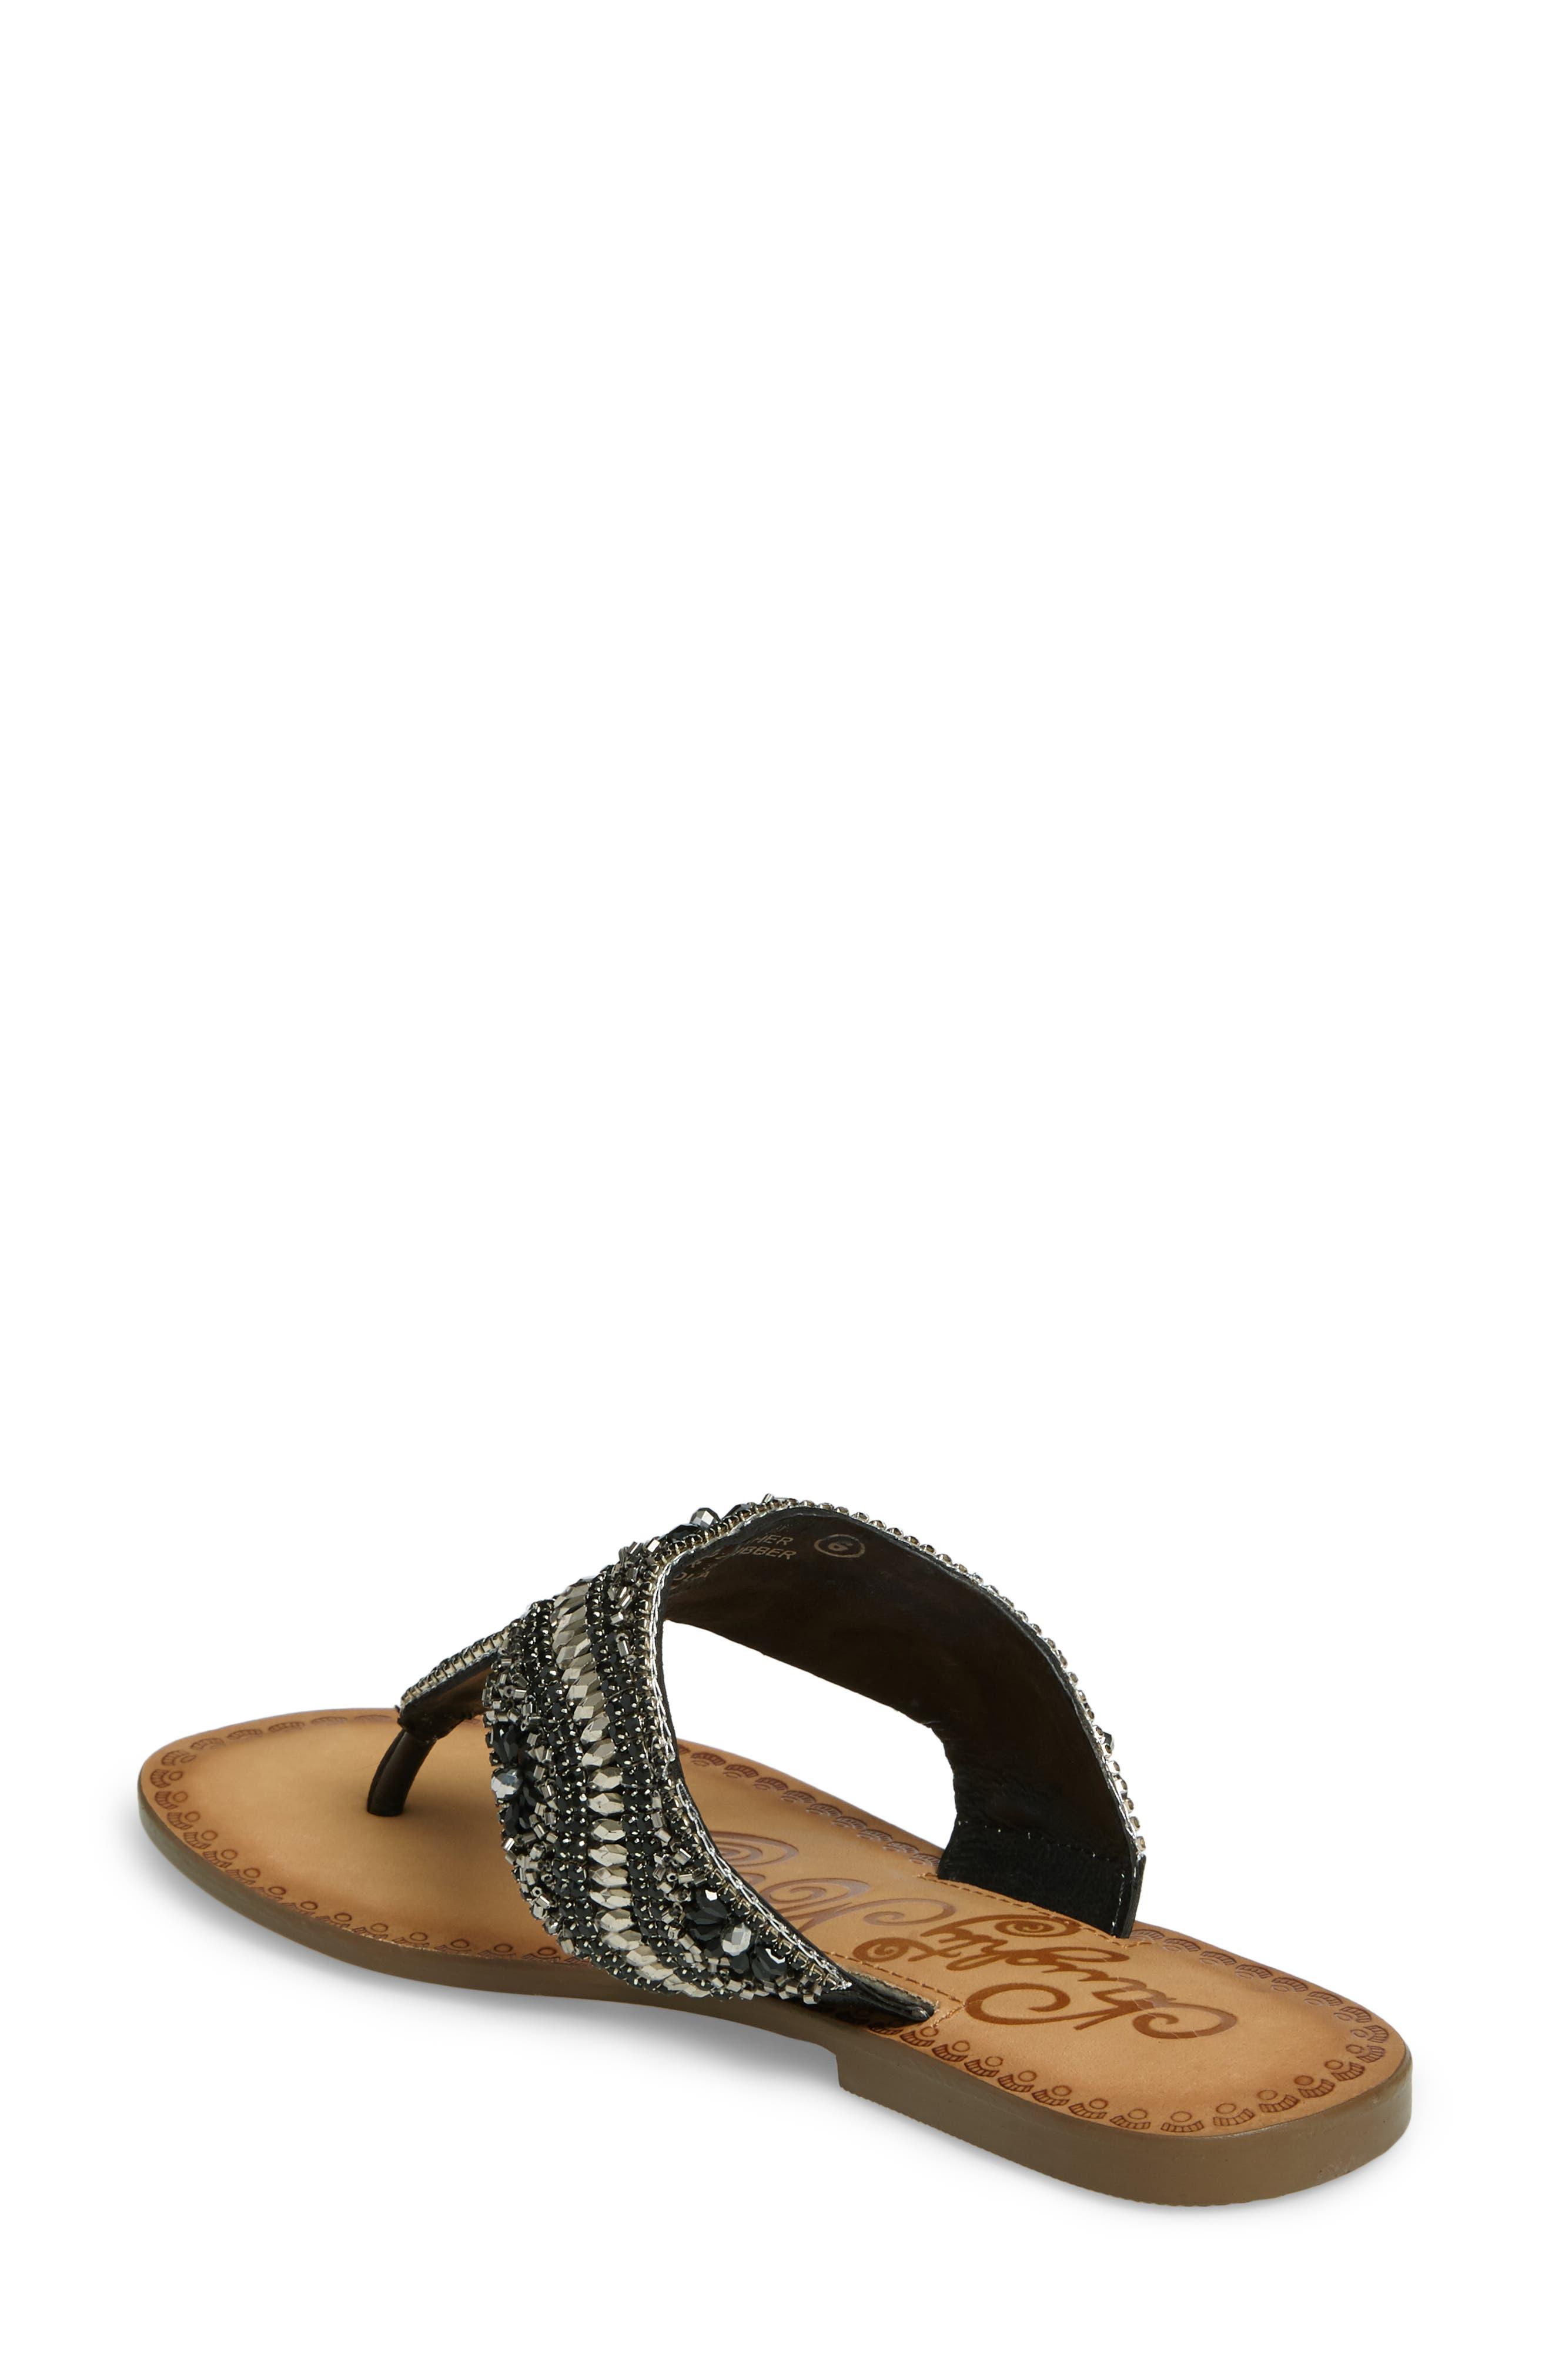 Lizabeth Embellished Sandal,                             Alternate thumbnail 2, color,                             Black Leather